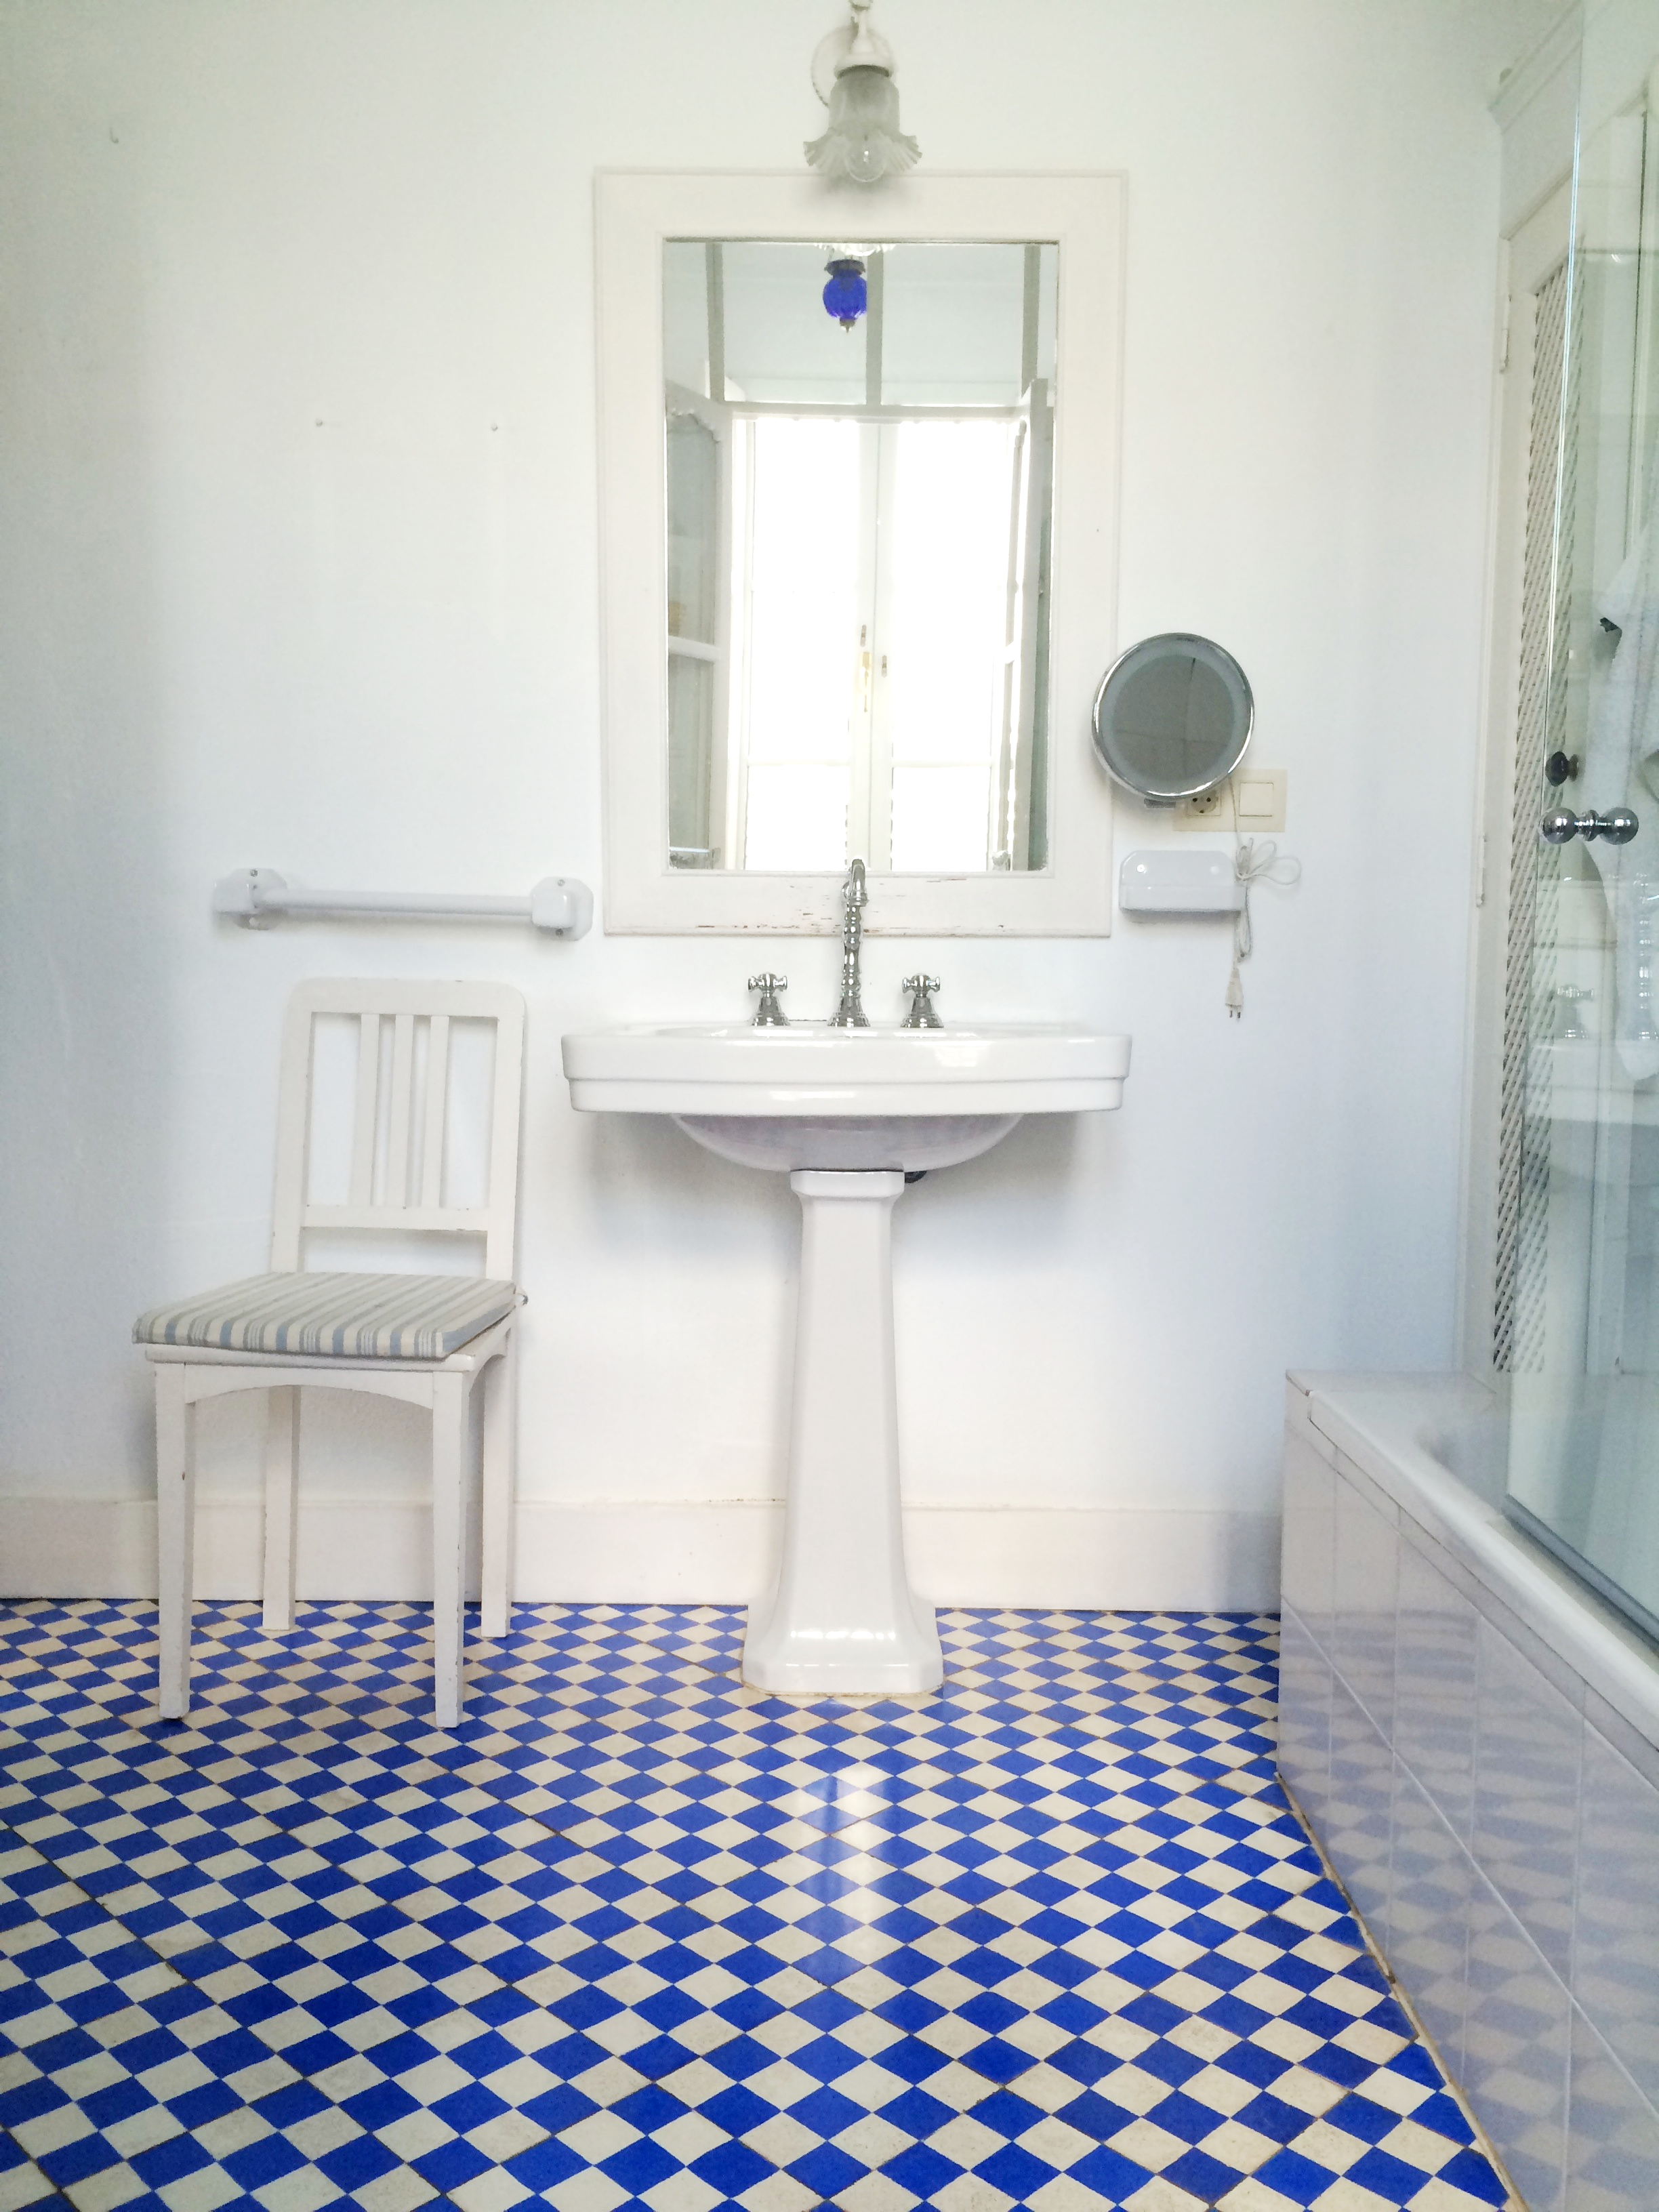 Suelo hidr ulico cuarto de ba o ba o bathroom - Suelos de bano ...